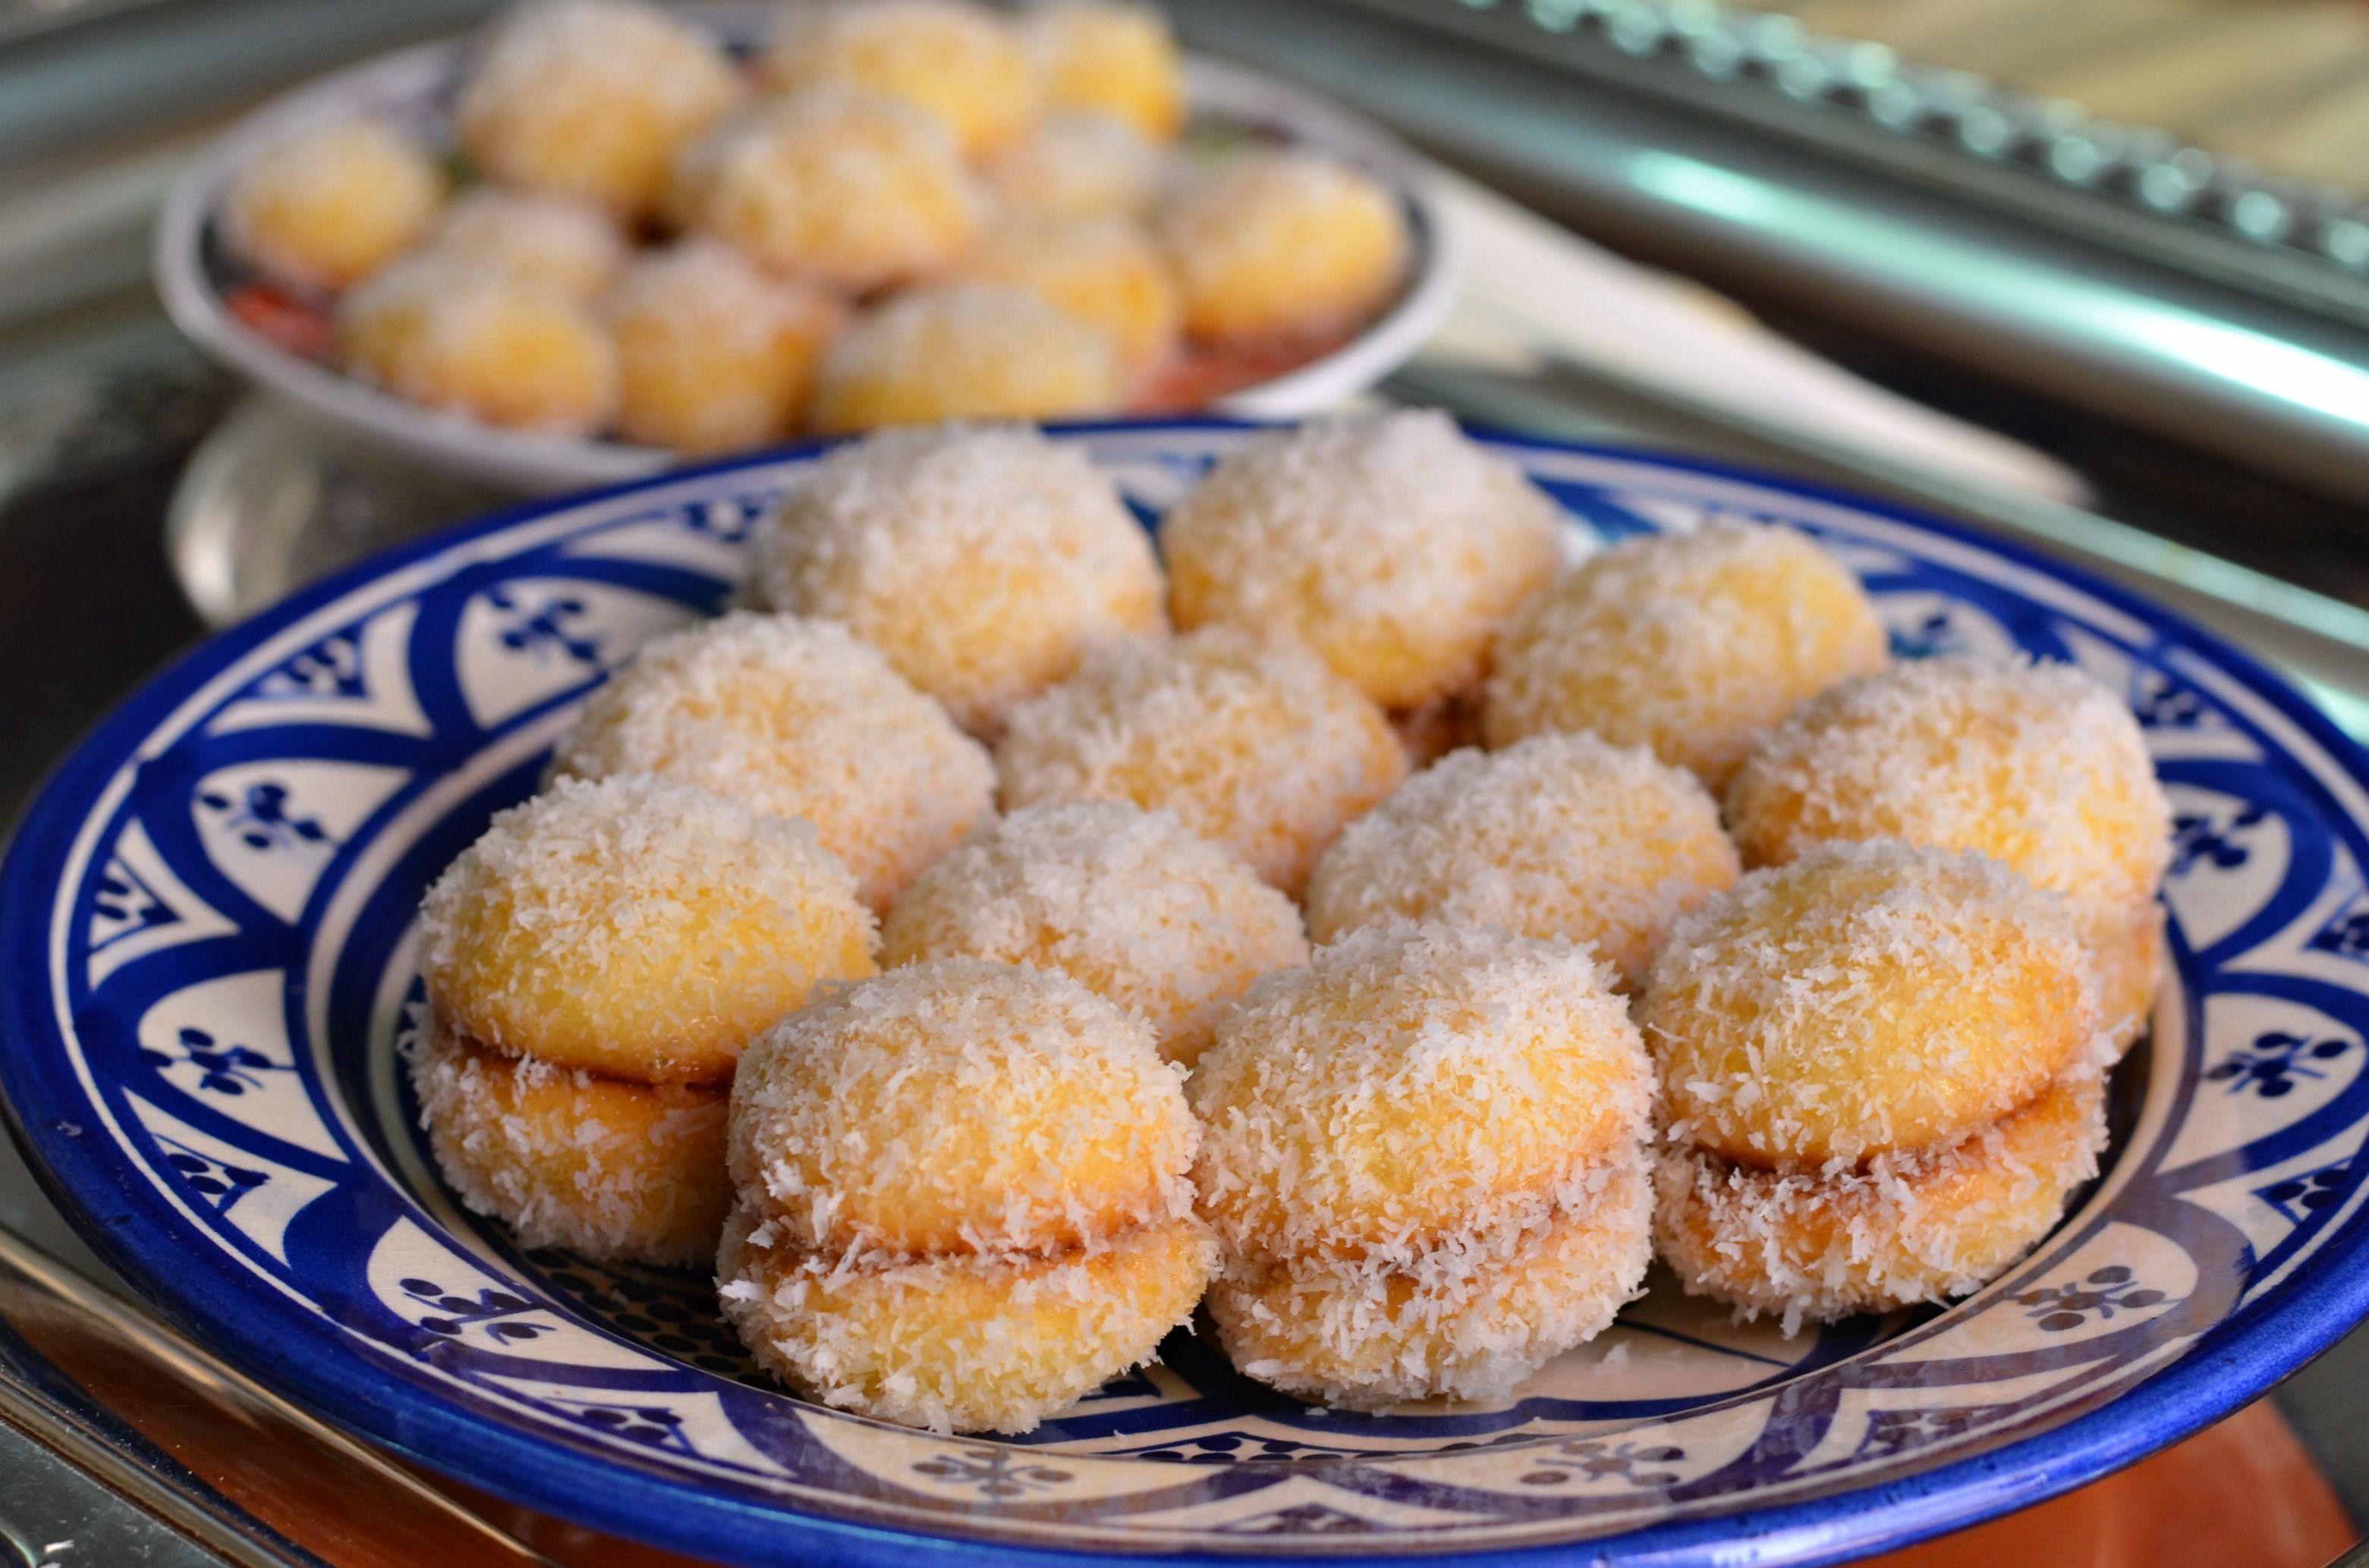 зайцева, фото турецкие печенье рецепт фото опередил время, оставив